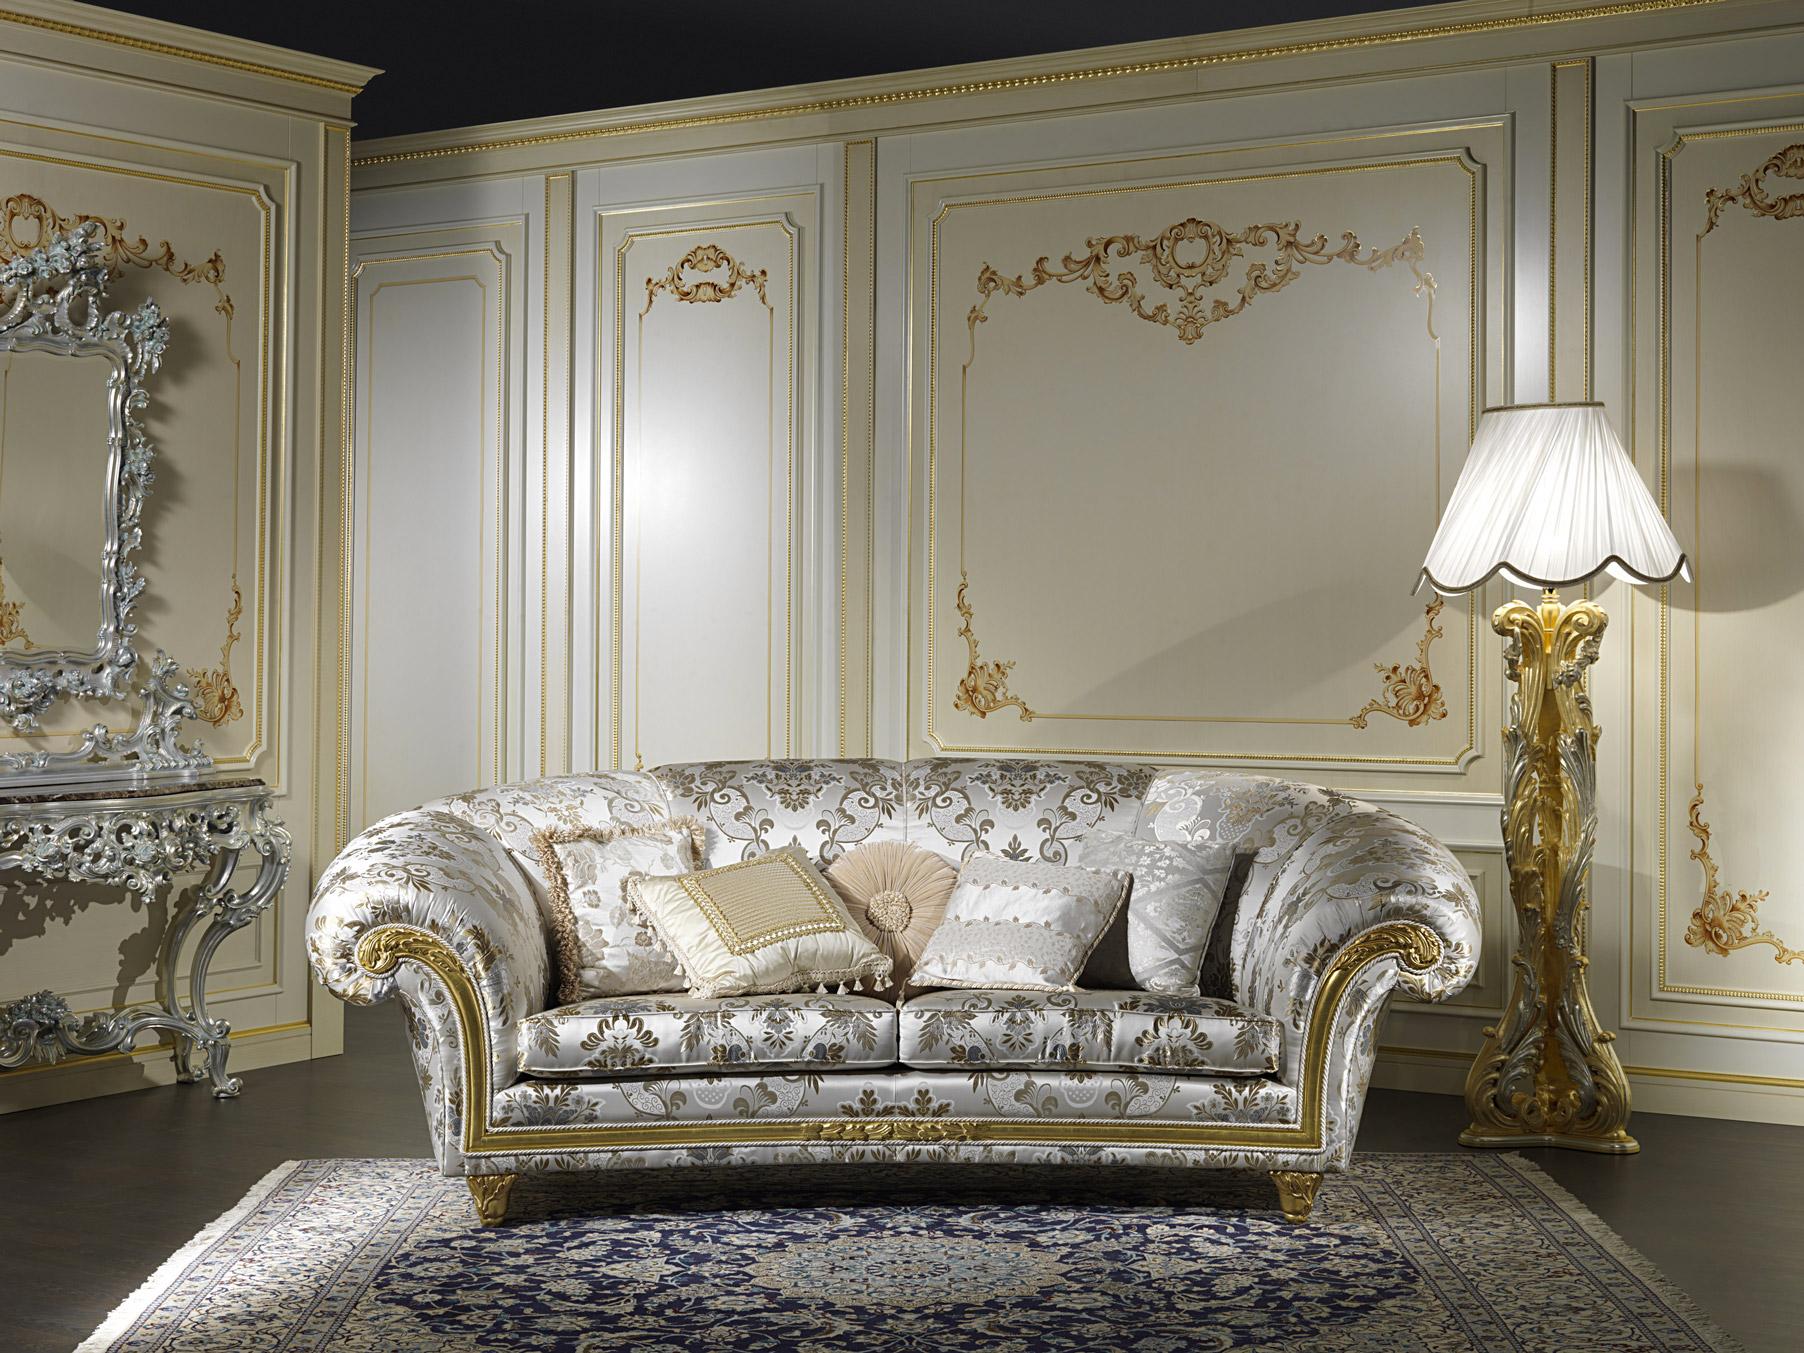 Sofa Classic Luxury Furniture